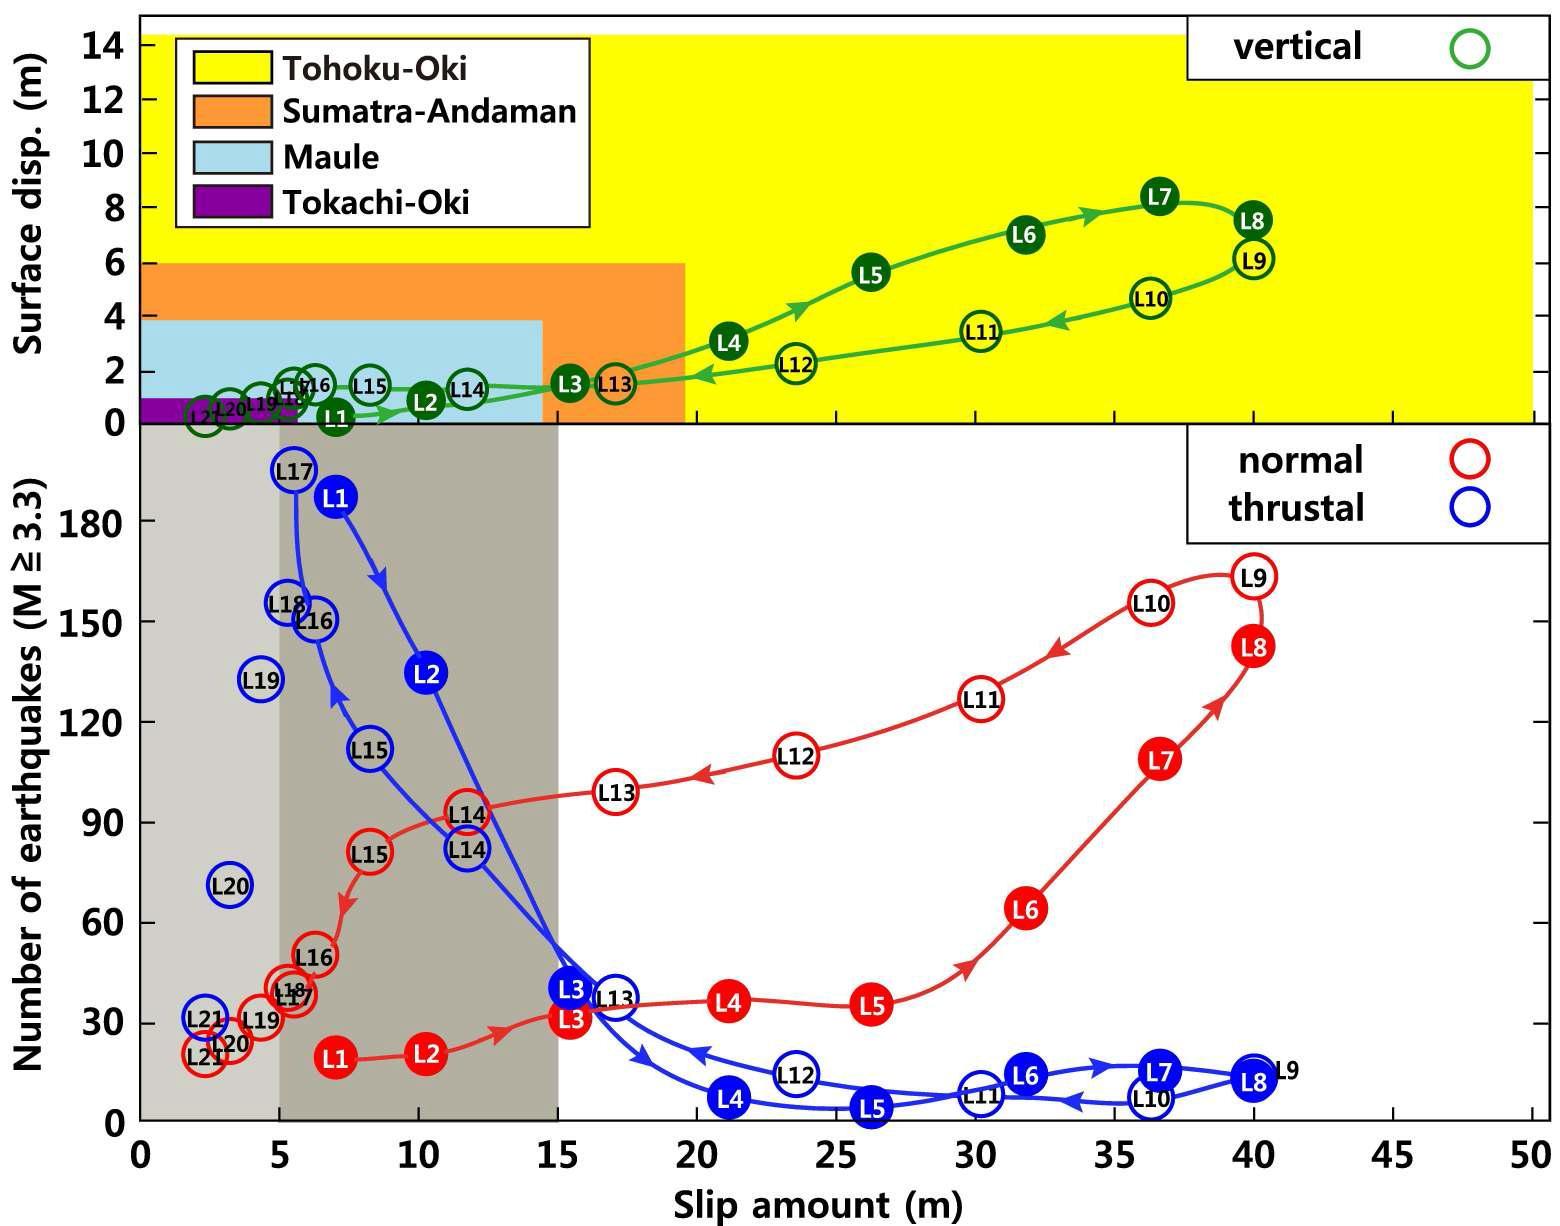 구역 I와 같이 21구역(L1-L21)으로 나누어 각 구역에서의 동일본 대지진으로 인해 발생한 슬립에 따른 정단층 지진과 역단층 지진의 발생 빈도와 표면의 수평 수직 변위 (Mikada et al., 2006; Howchner et al., 2008; Moreno et al., 2010; Keliang and Jin, 2011)를 비교.